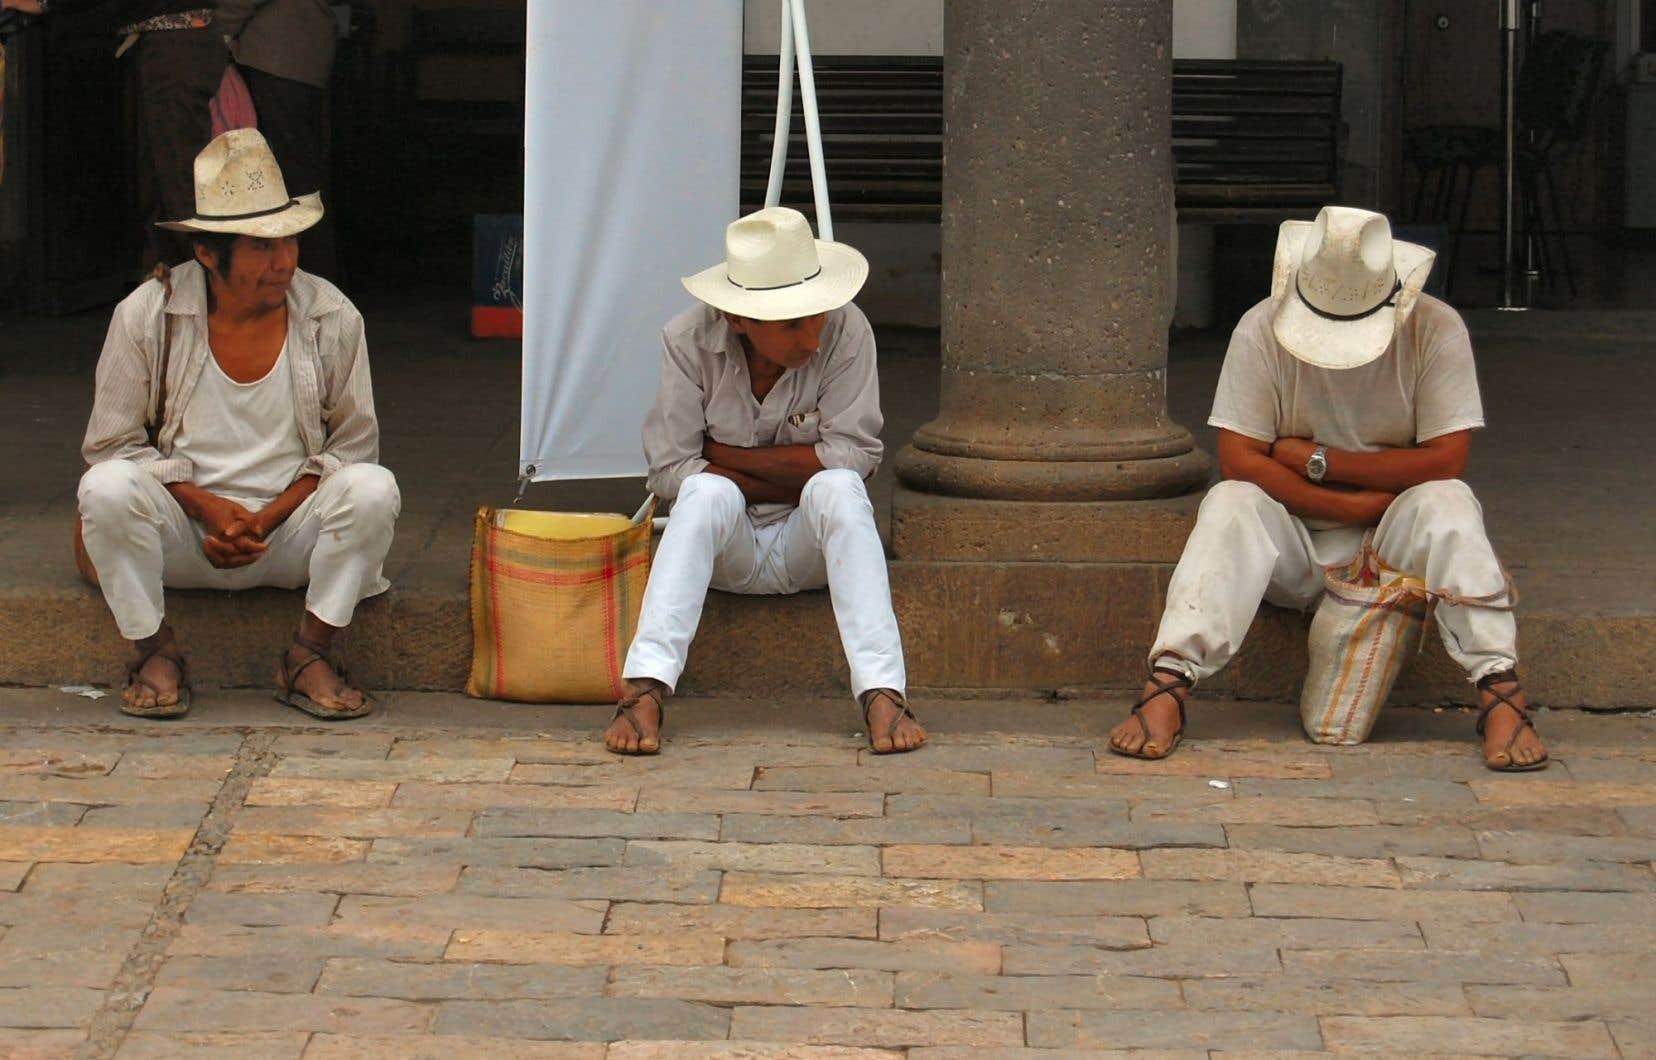 «Nous, les communautés autochtones, qui formons la majorité des habitants de la Sierra Norte de Puebla, disons haut et fort que nous sommes prêts à défendre nos territoires et nos vies», écrivent les signataires du texte.